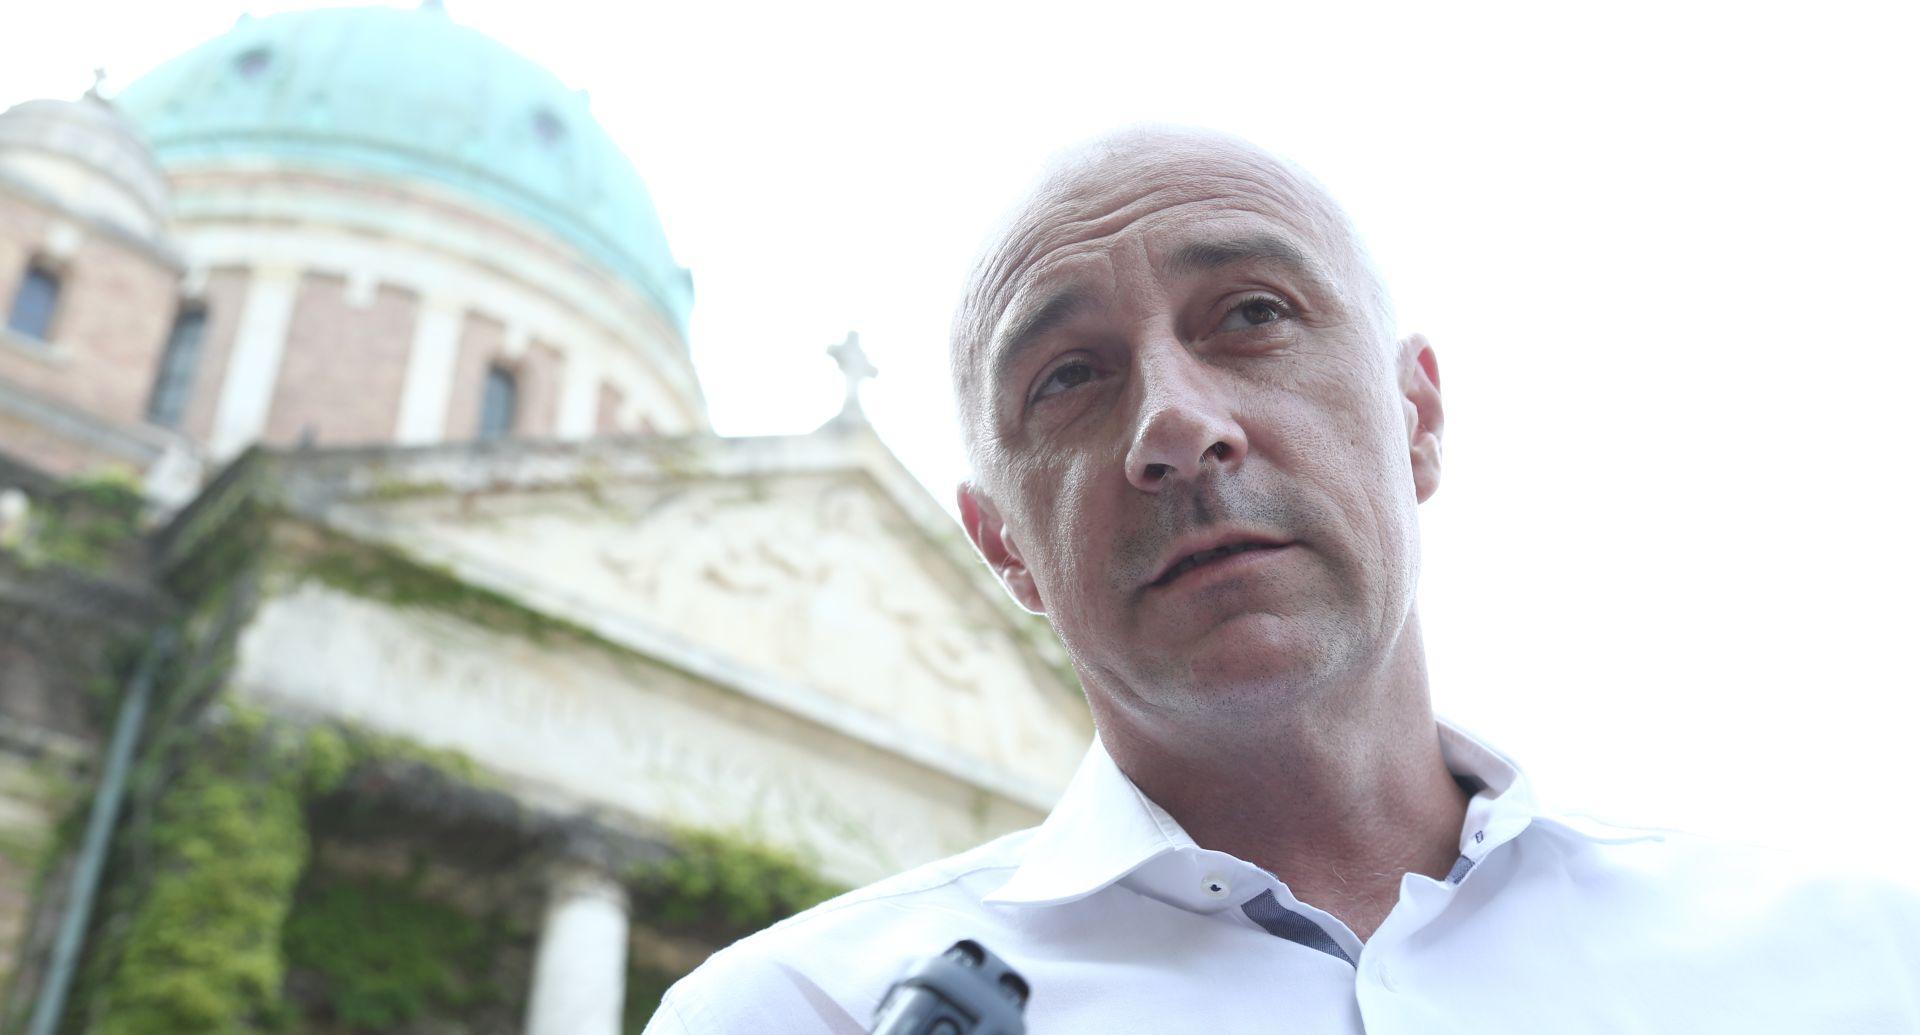 HNS: Izvanredni stranački izbori prije parlamentarnih, Vrdoljak se neće kandidirati